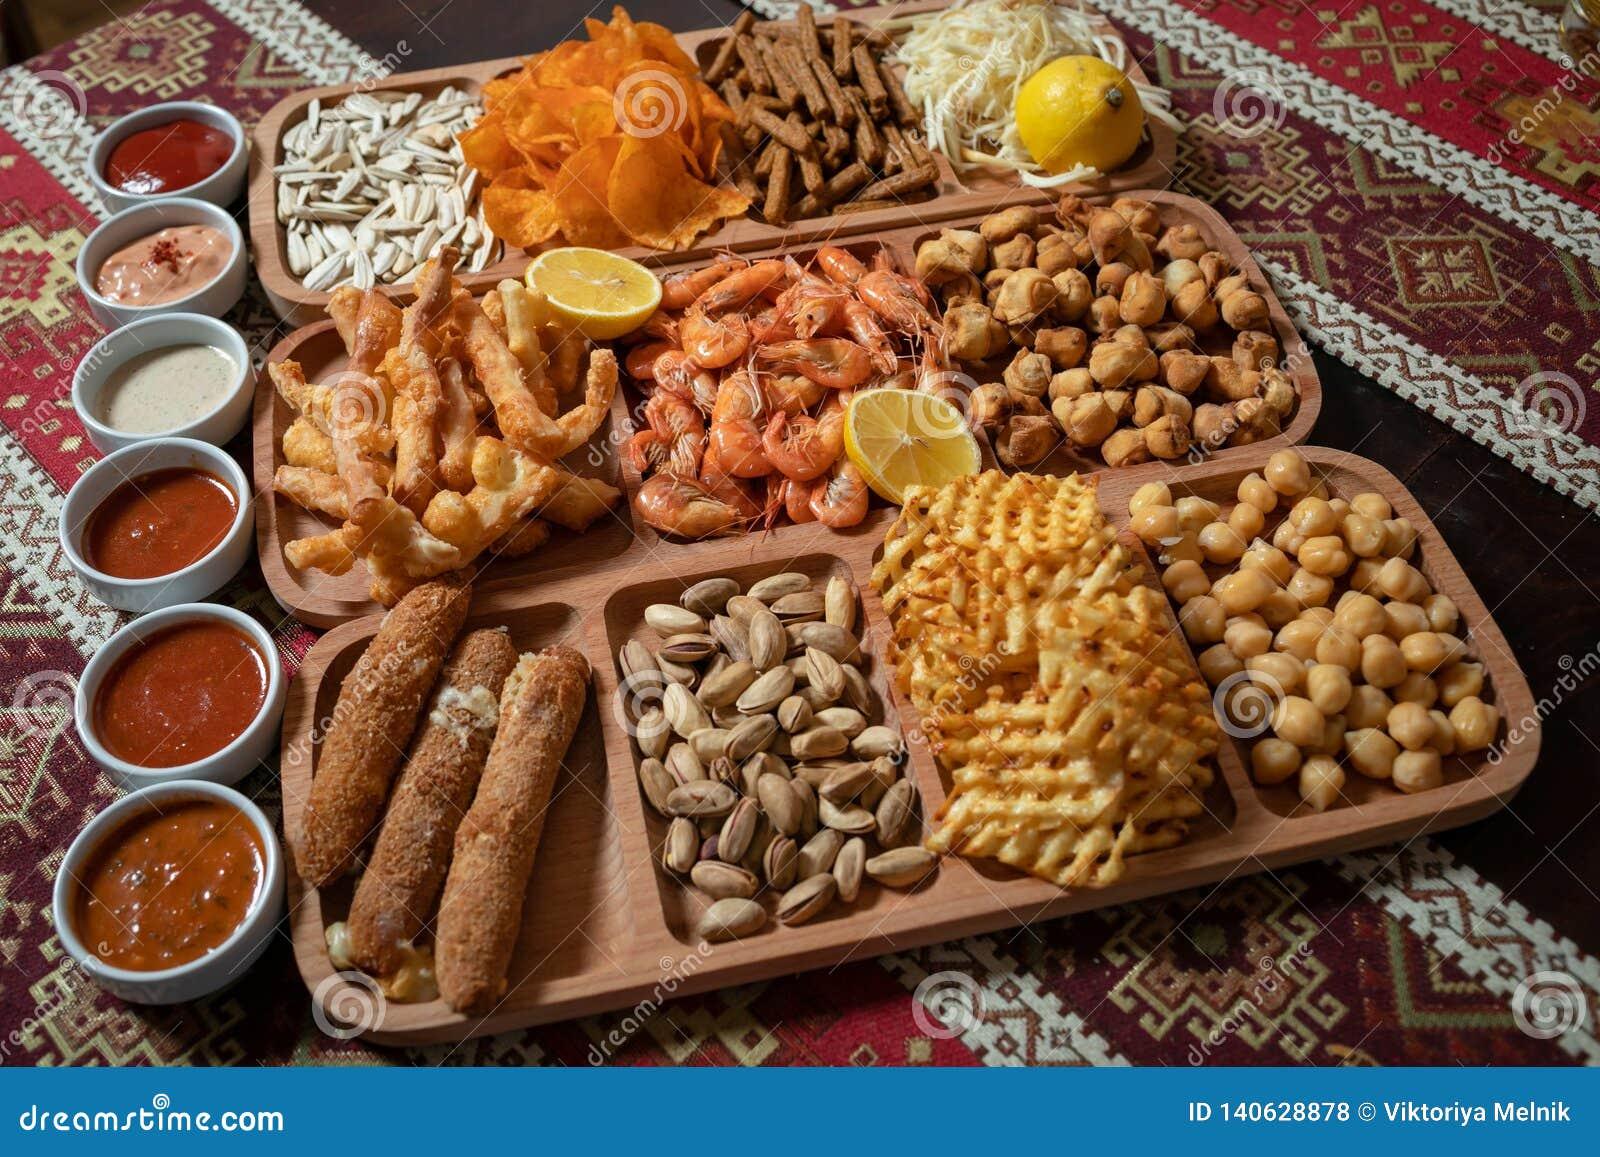 Установите закусок пива, 11 разнообразий и 6 соусов на деревянном столе со скатертью с национальными картинами